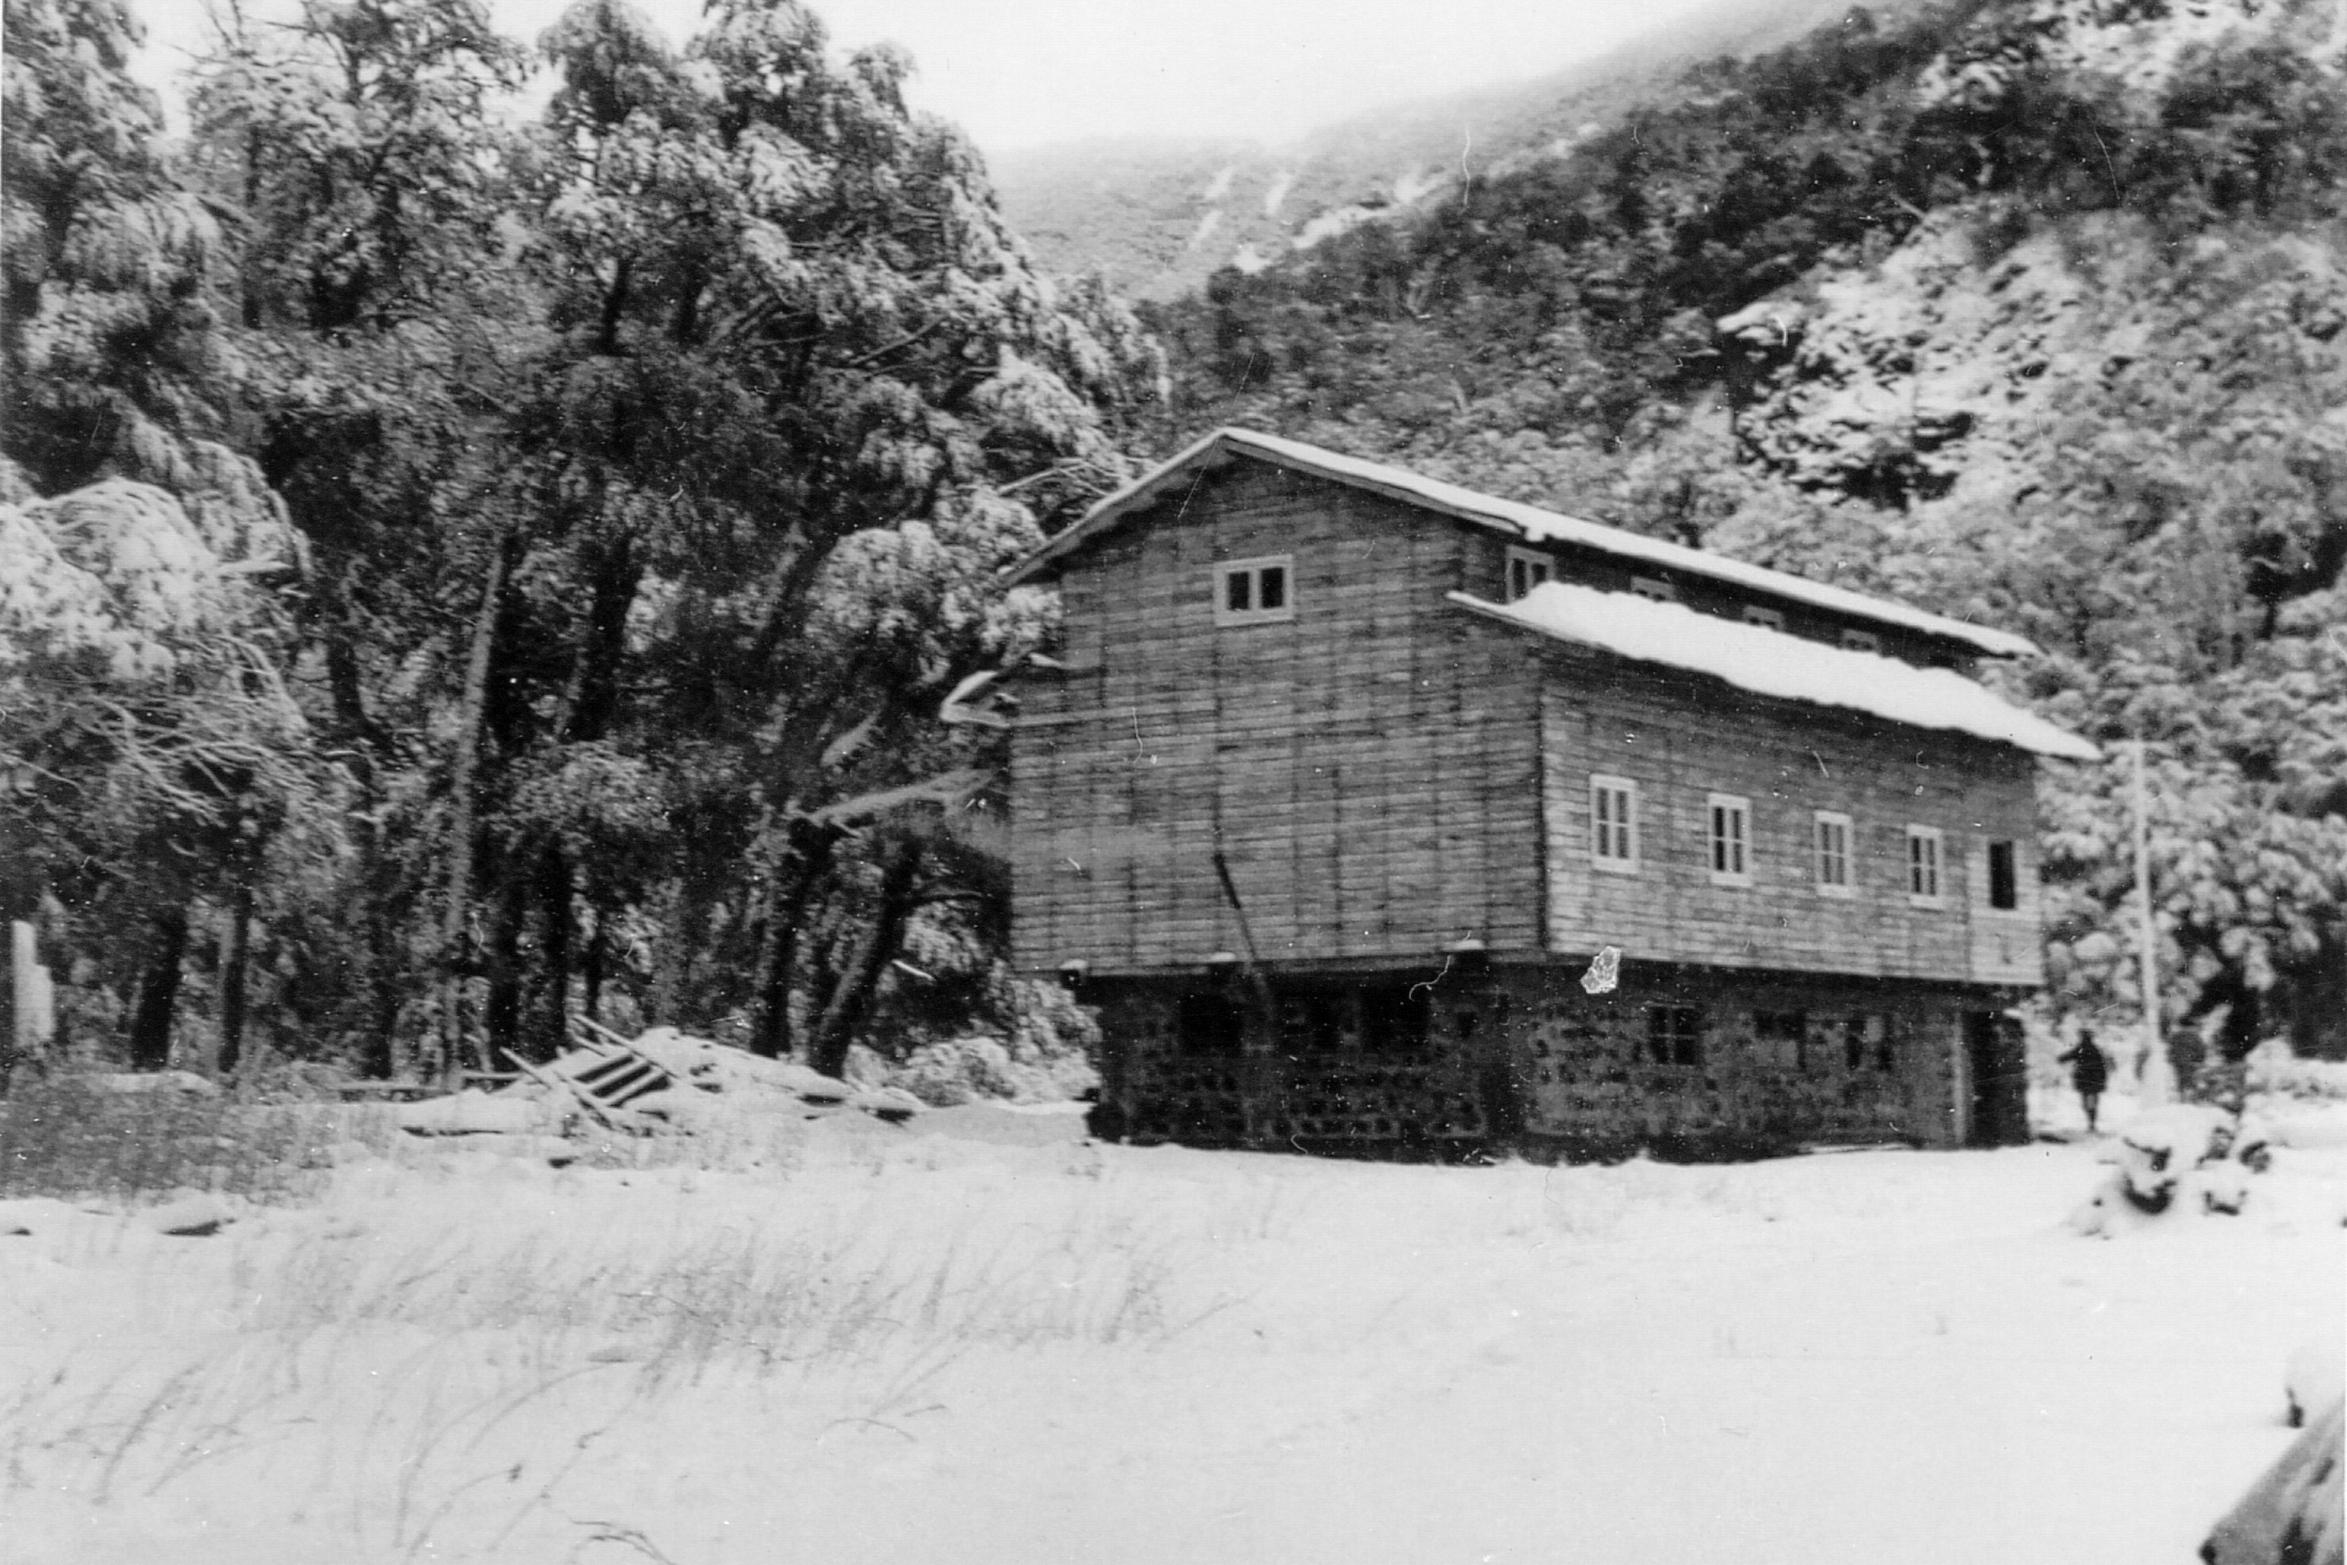 8. Refugio Shangri La - Cortesía de Carlos Huber